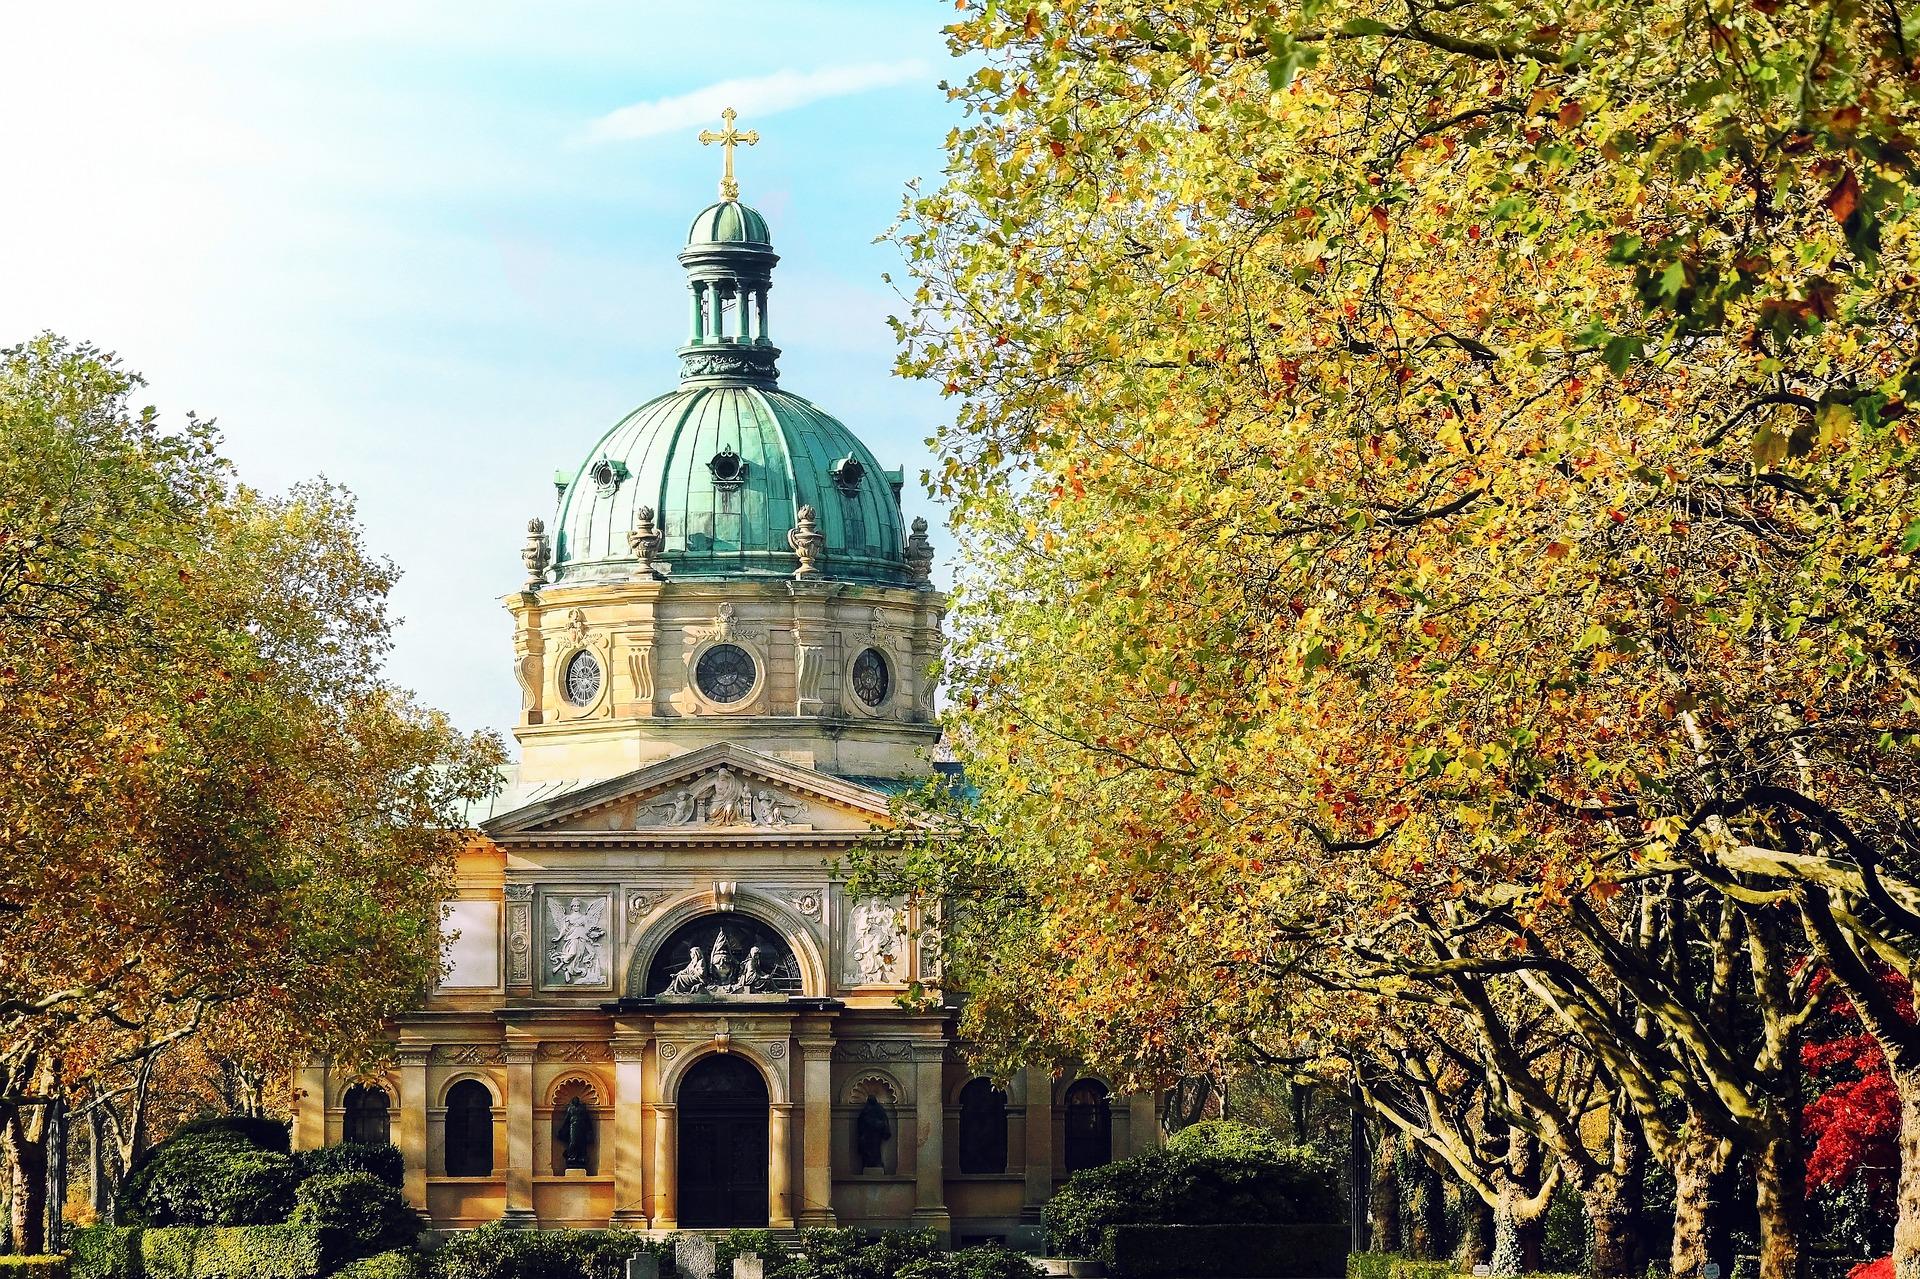 Alles über Sprinter mieten Freiburg [Guide]